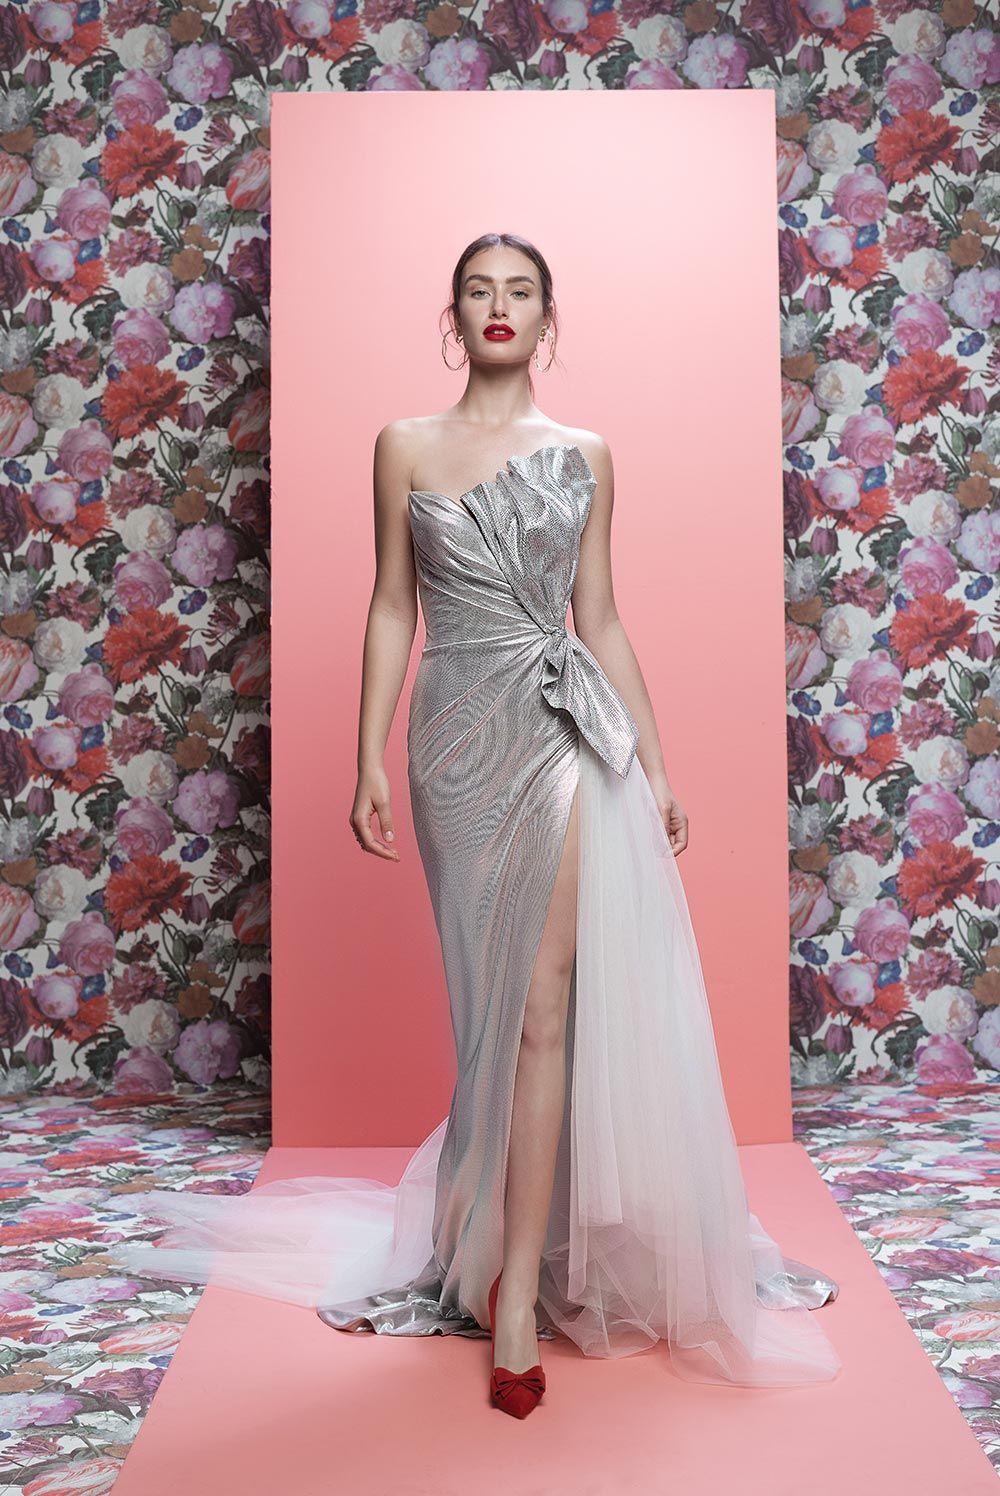 Encantador Cabestro Vestido De Boda Friso - Colección de Vestidos de ...